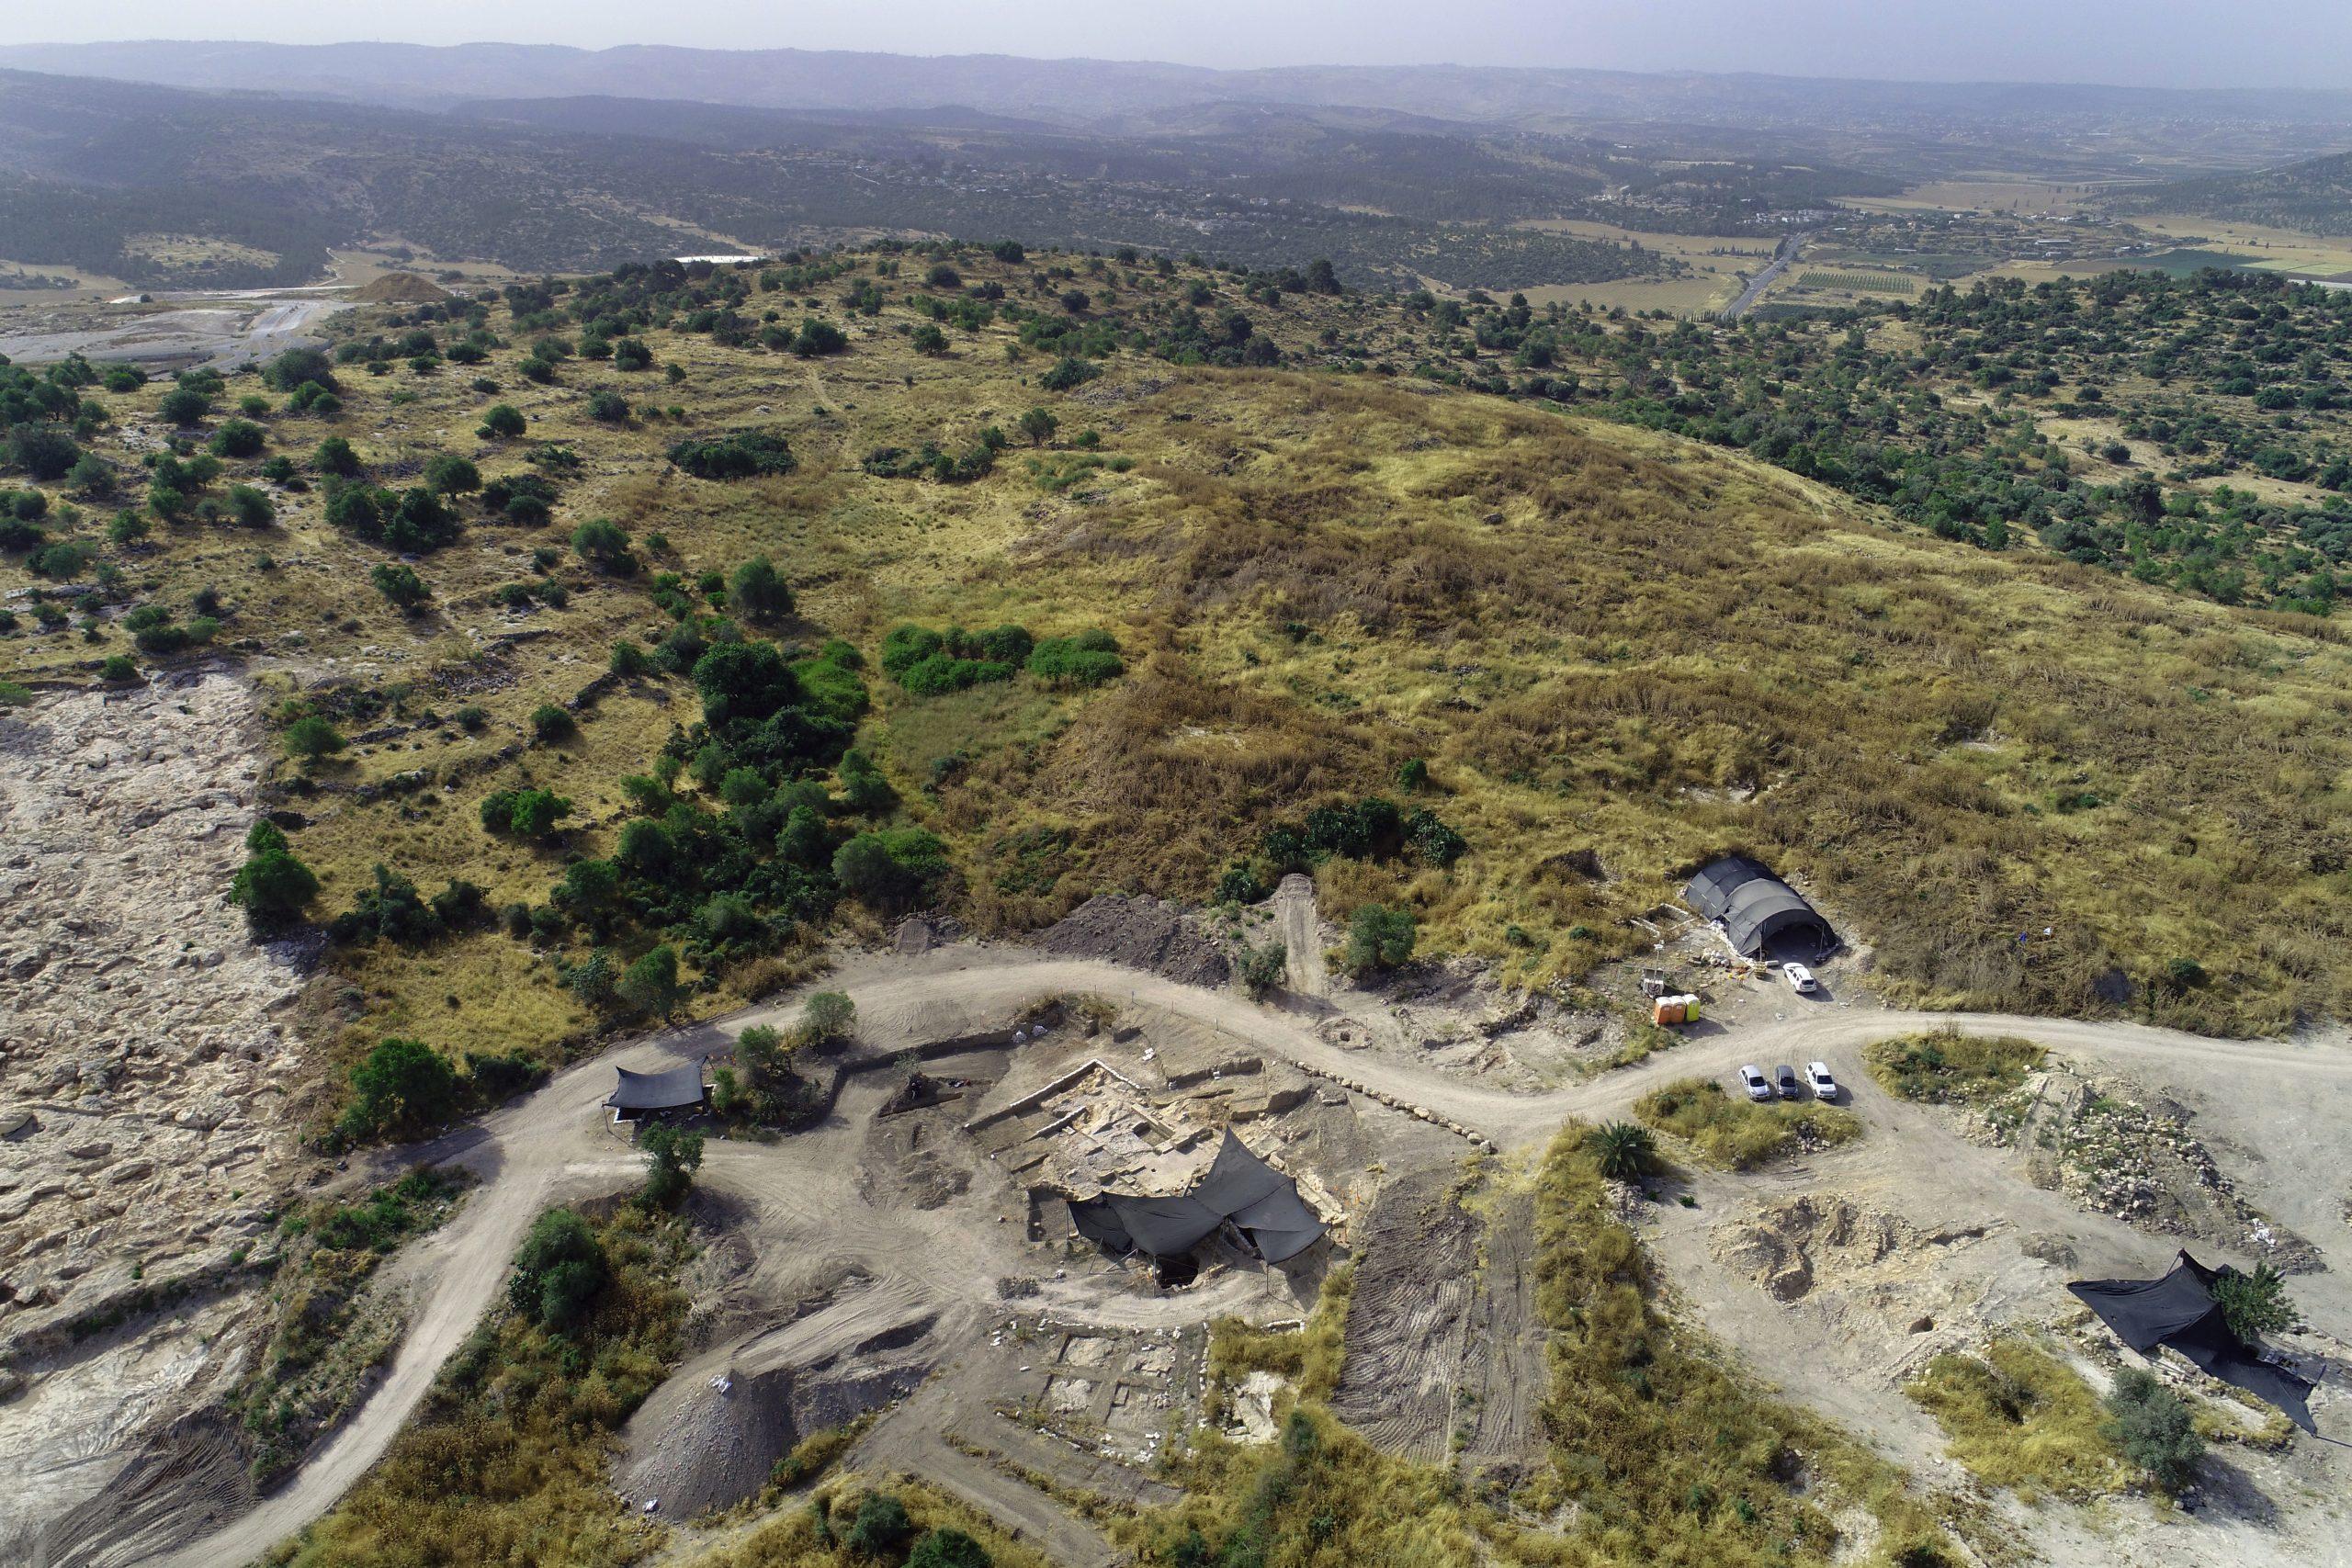 Израильское управление древностей: раскопки в Бейт Шемеш: фото Асаф Перец